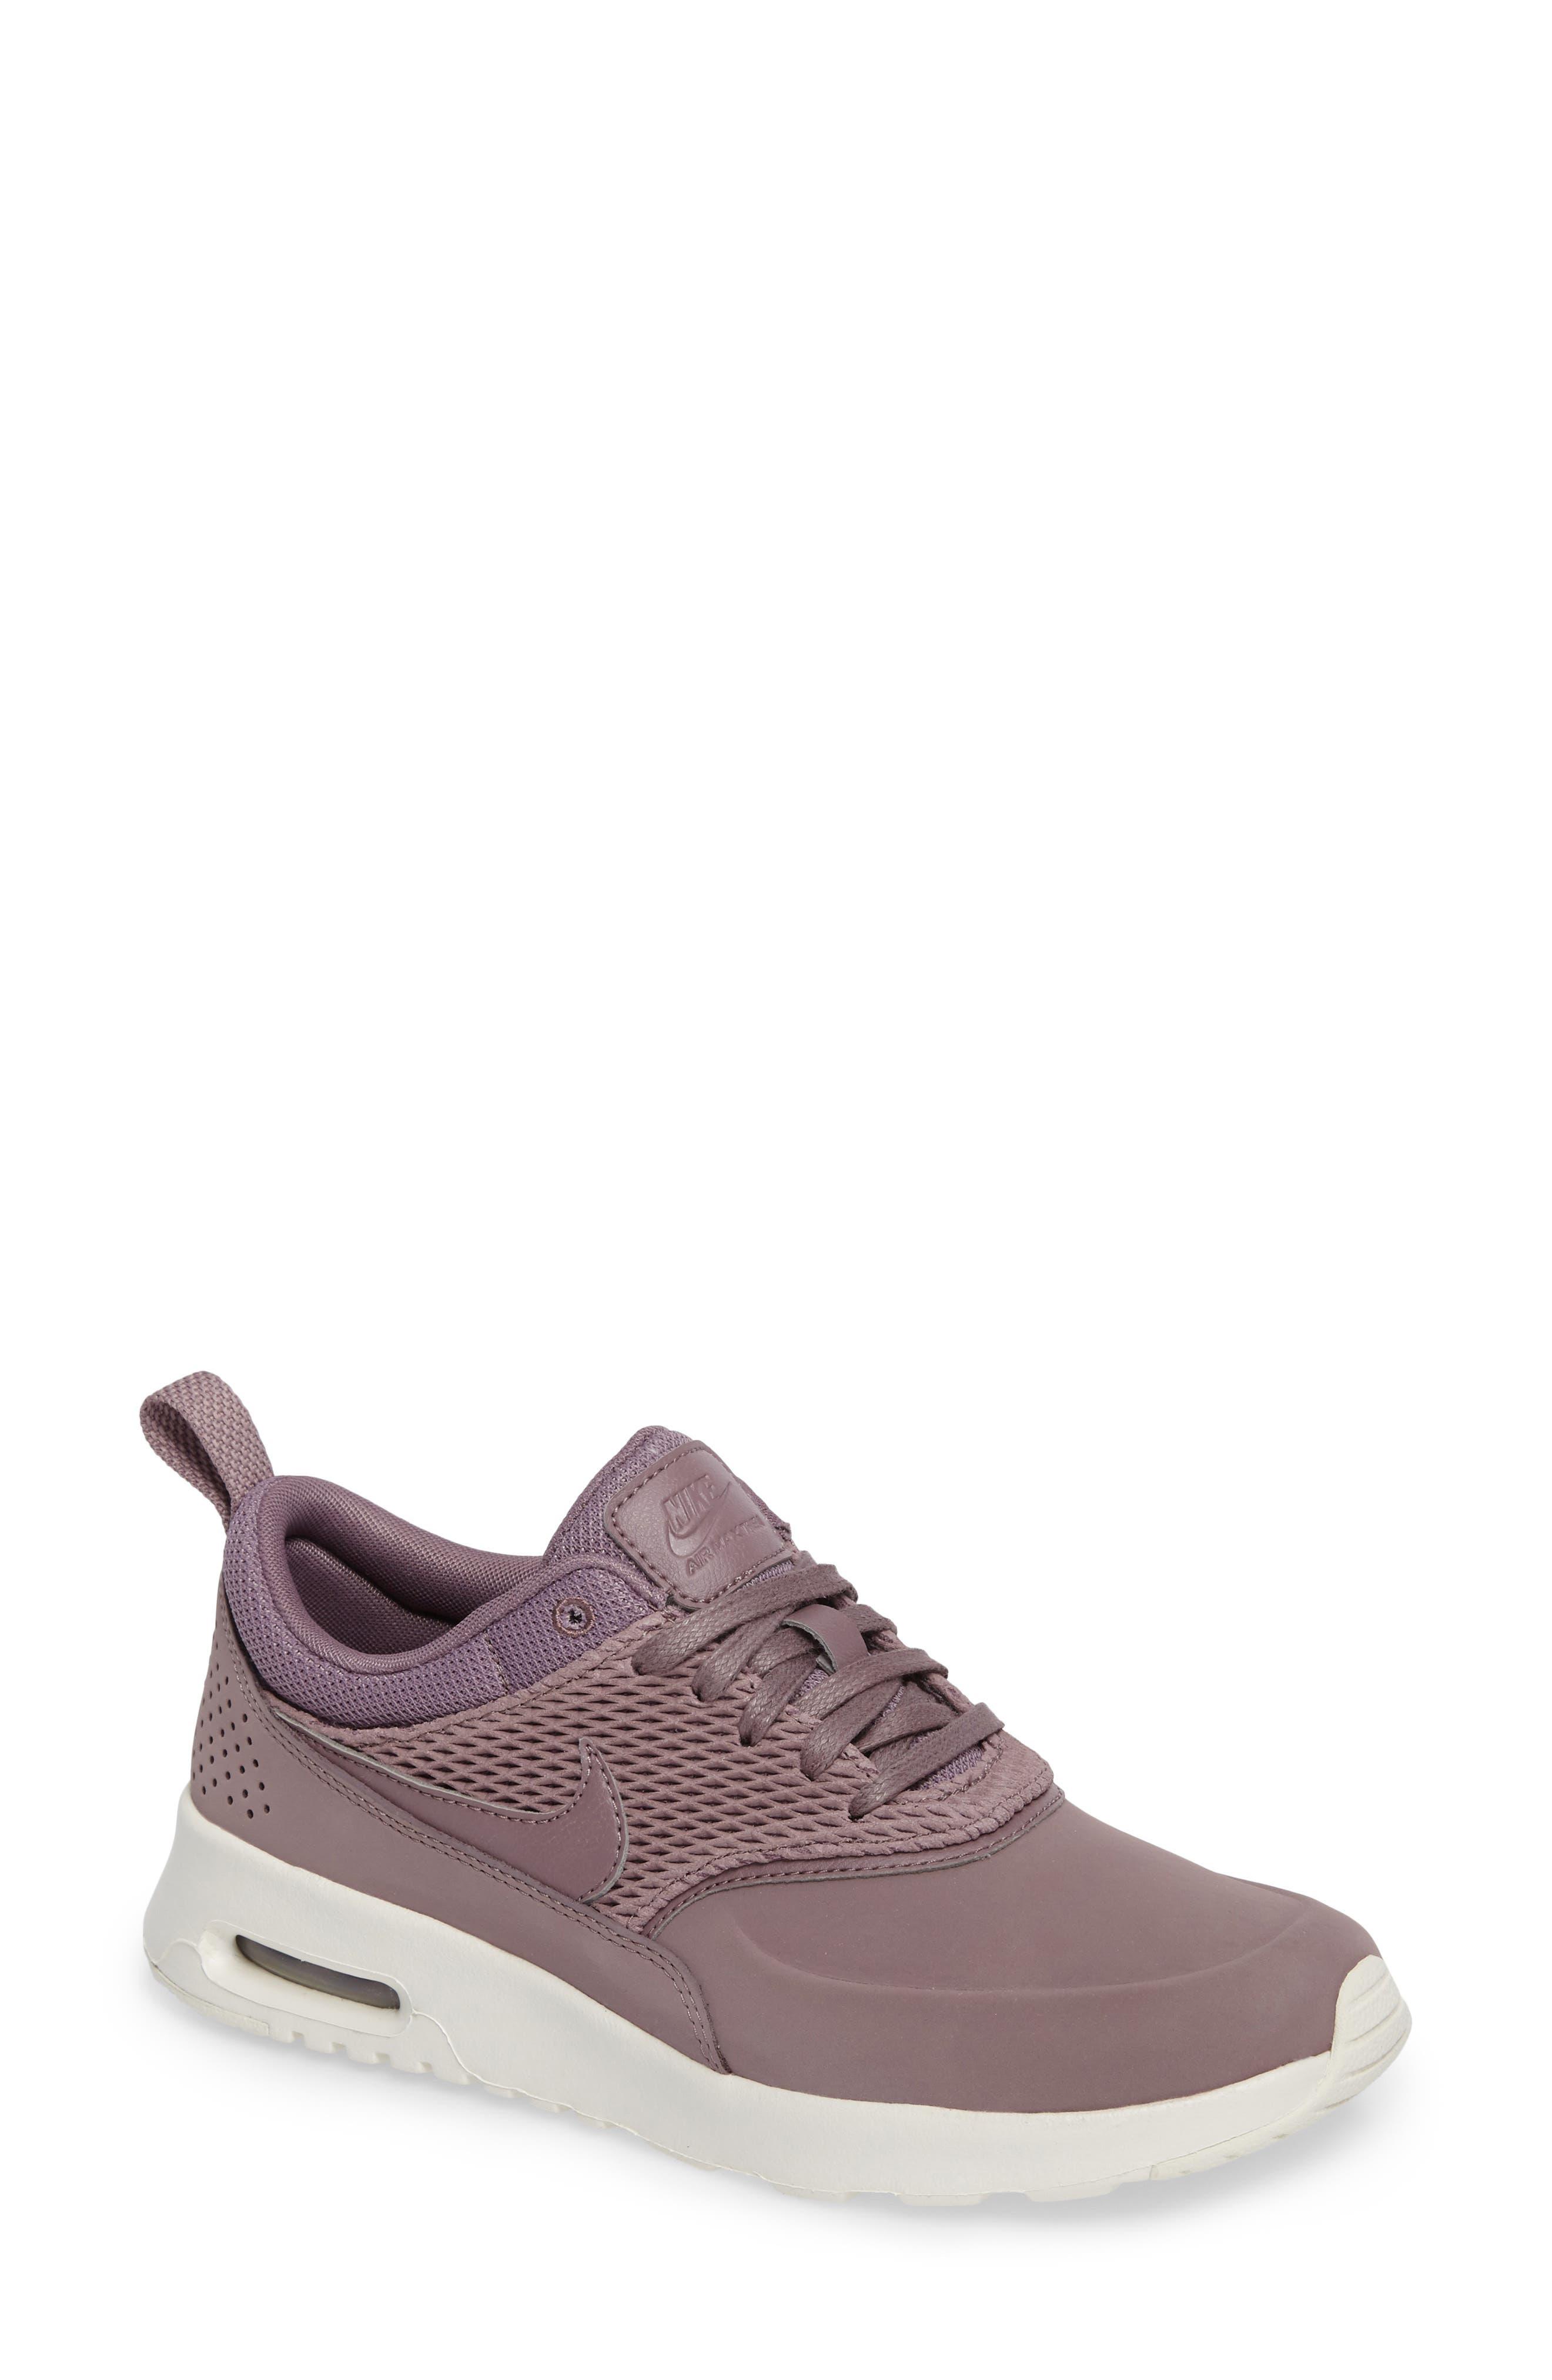 Alternate Image 1 Selected - Nike Air Max Thea Premium Sneaker (Women)